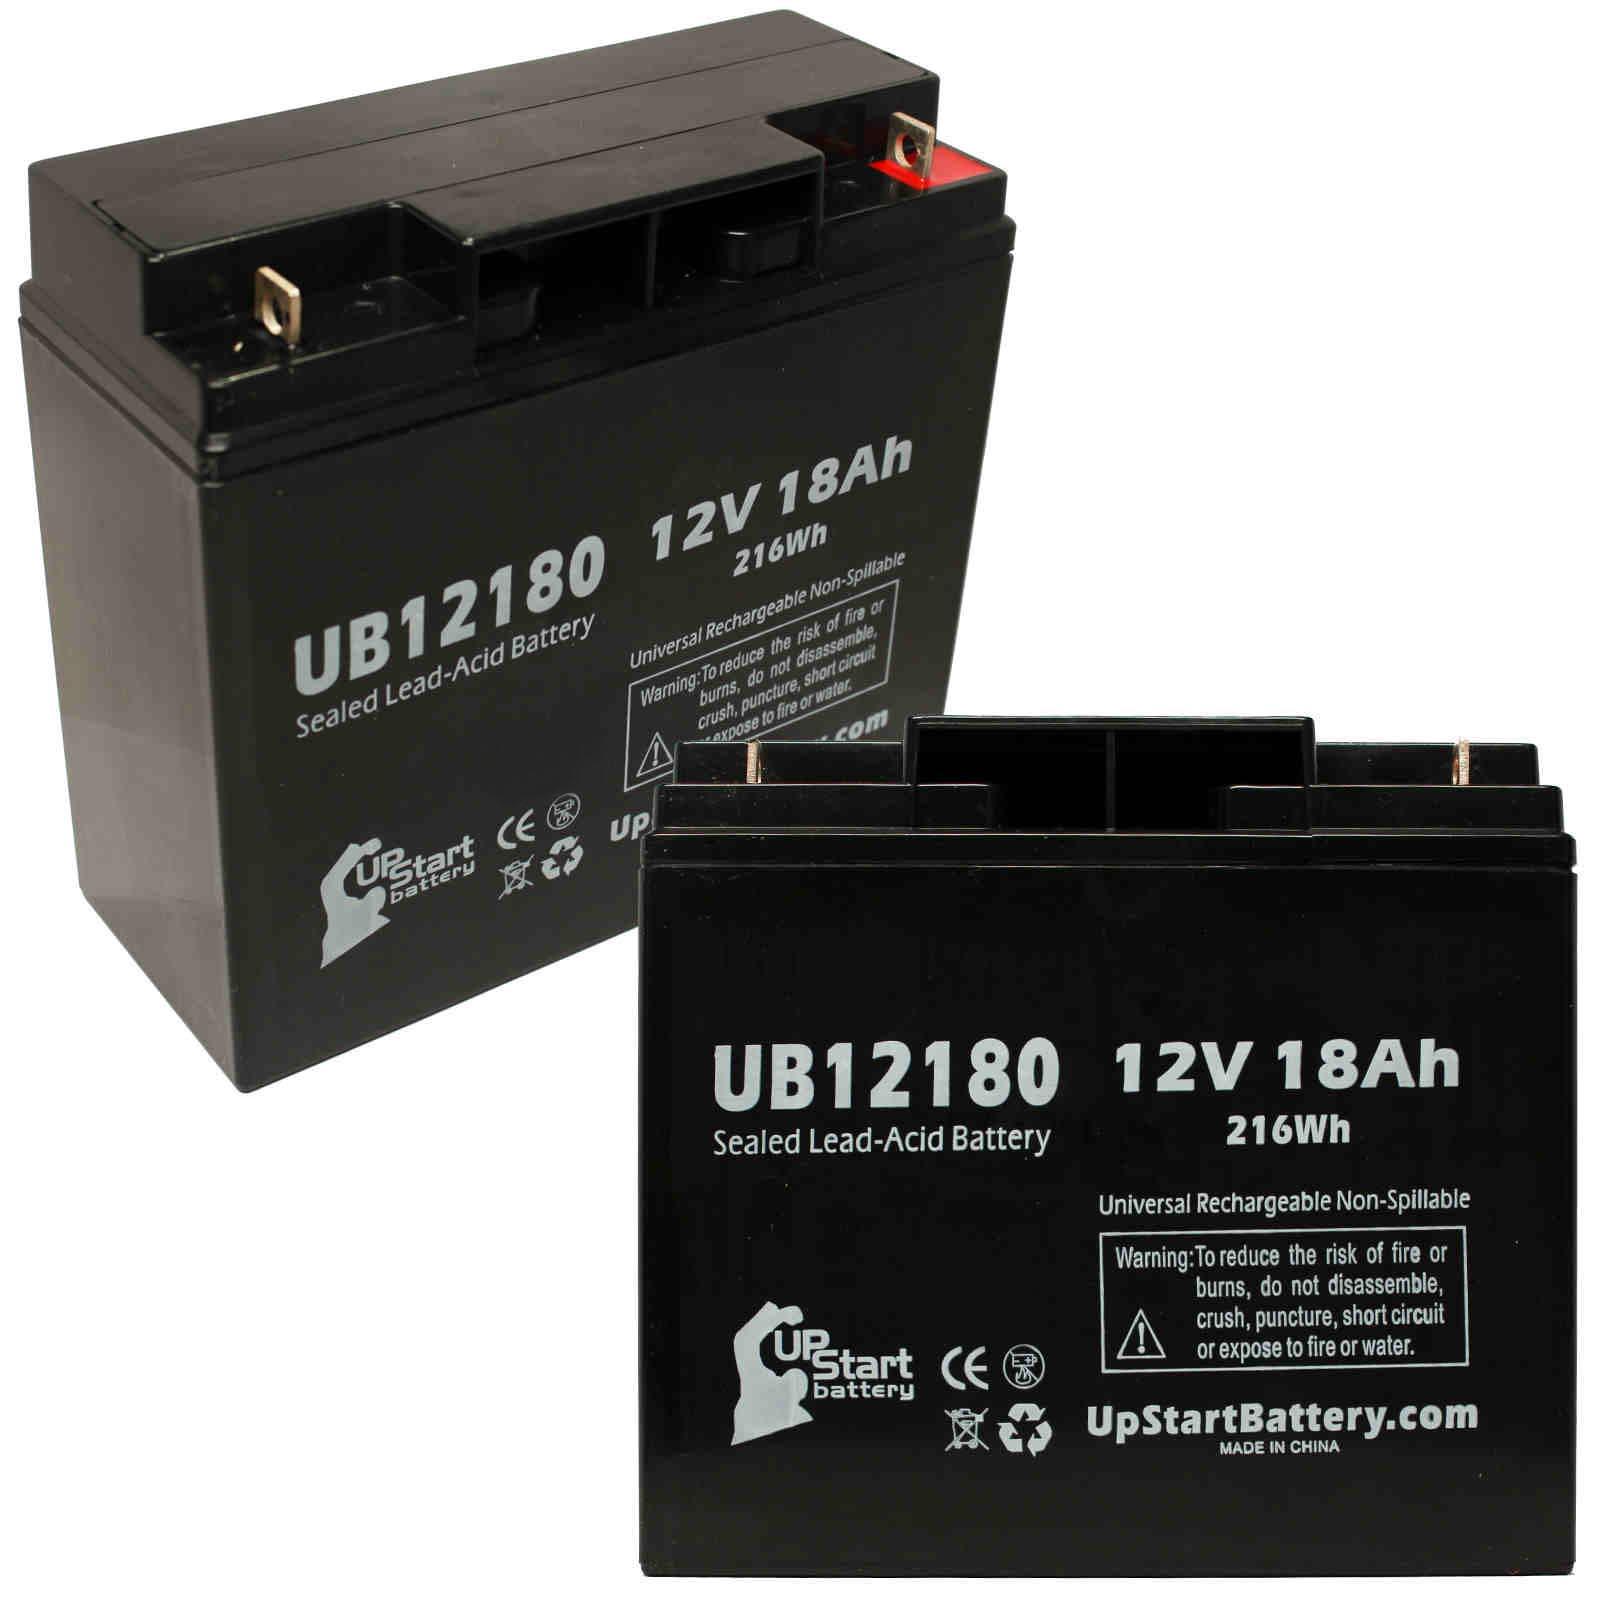 12v 18ah Battery >> Details About 2 Pack Apc Rbc7 1000 Battery Ub12180 12v 18ah Sealed Lead Acid Sla Agm